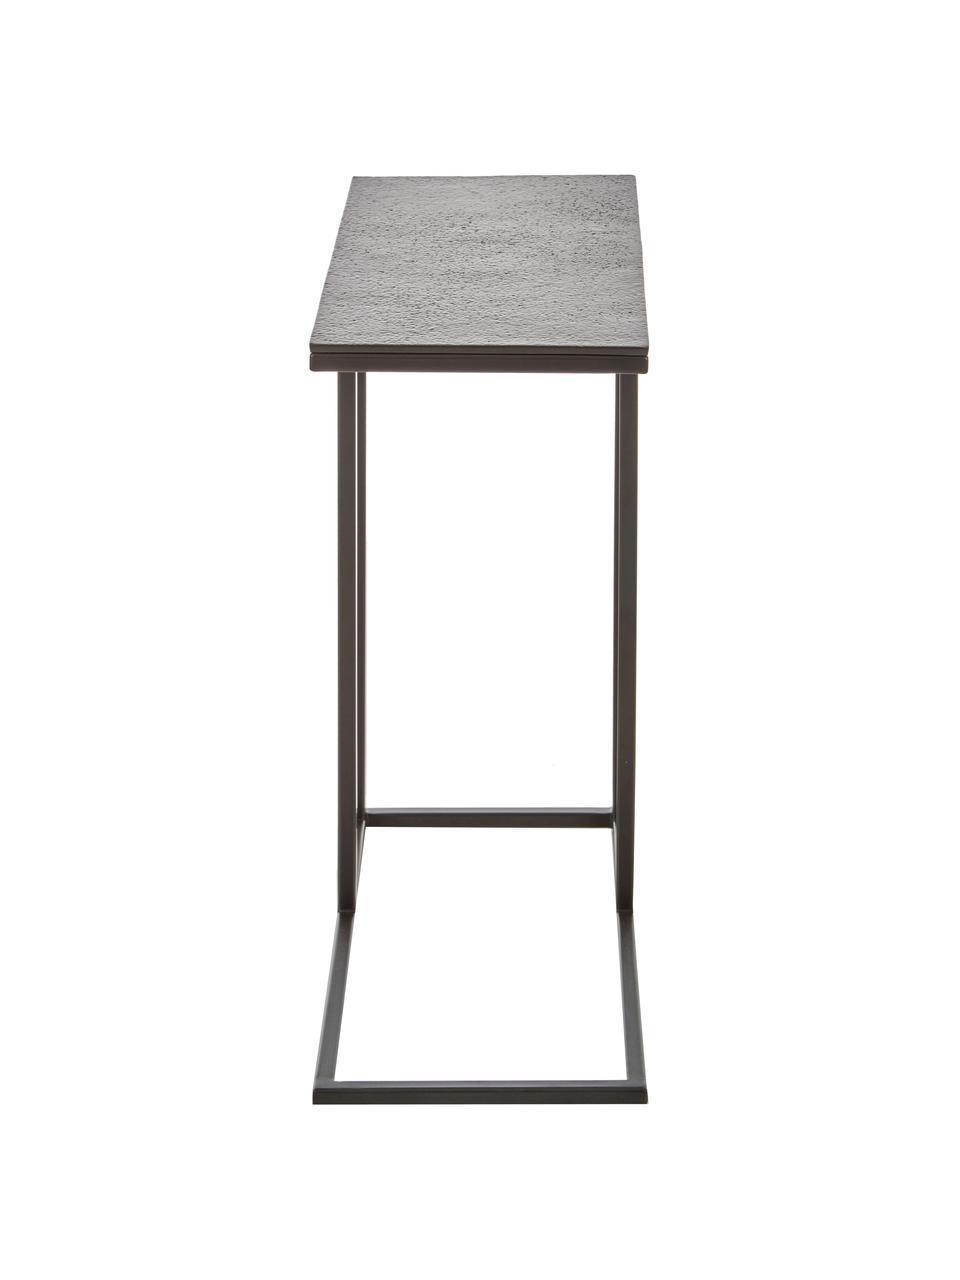 Tavolino industrial in metallo Edge, Struttura: metallo verniciato a polv, Piano: nero Struttura: nero opaco, Larg. 43 x Alt. 52 cm